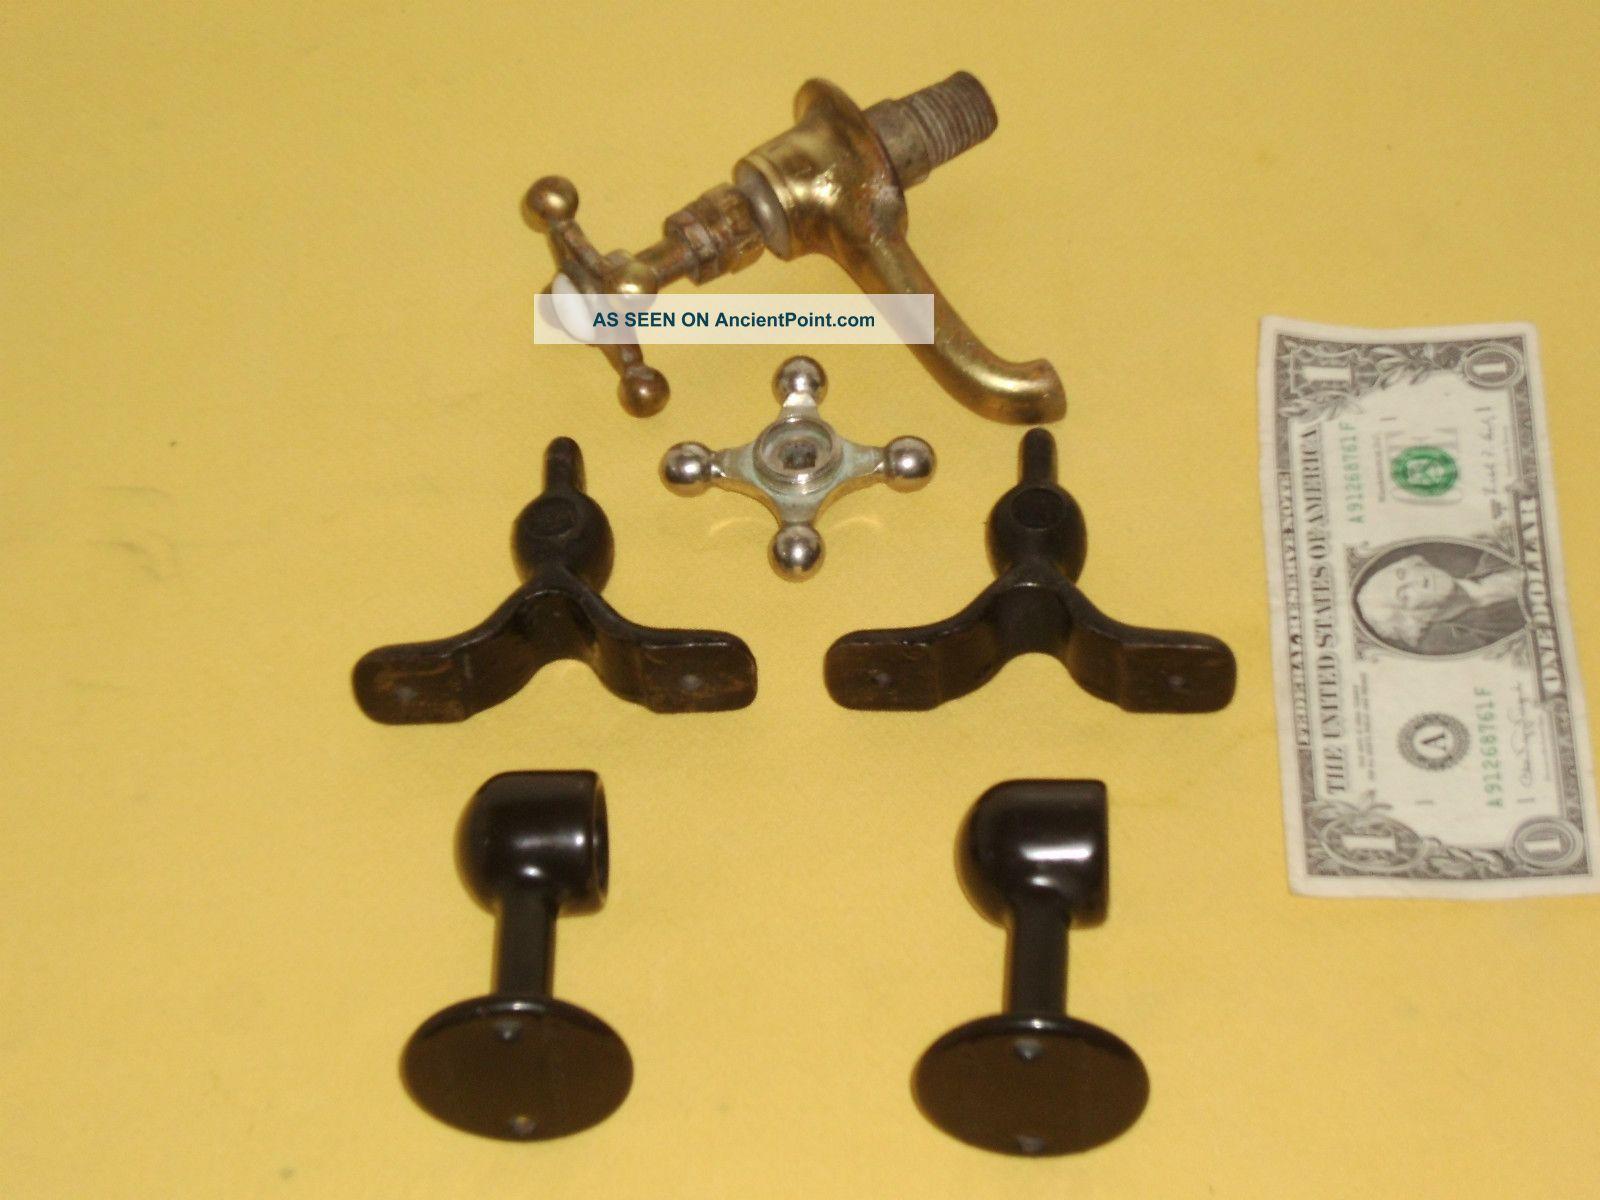 Antique 2 Pair Towel Bar Ends 1 Cast Iron&1blk.  Porcelain&brass Hot Faucet Sinks photo